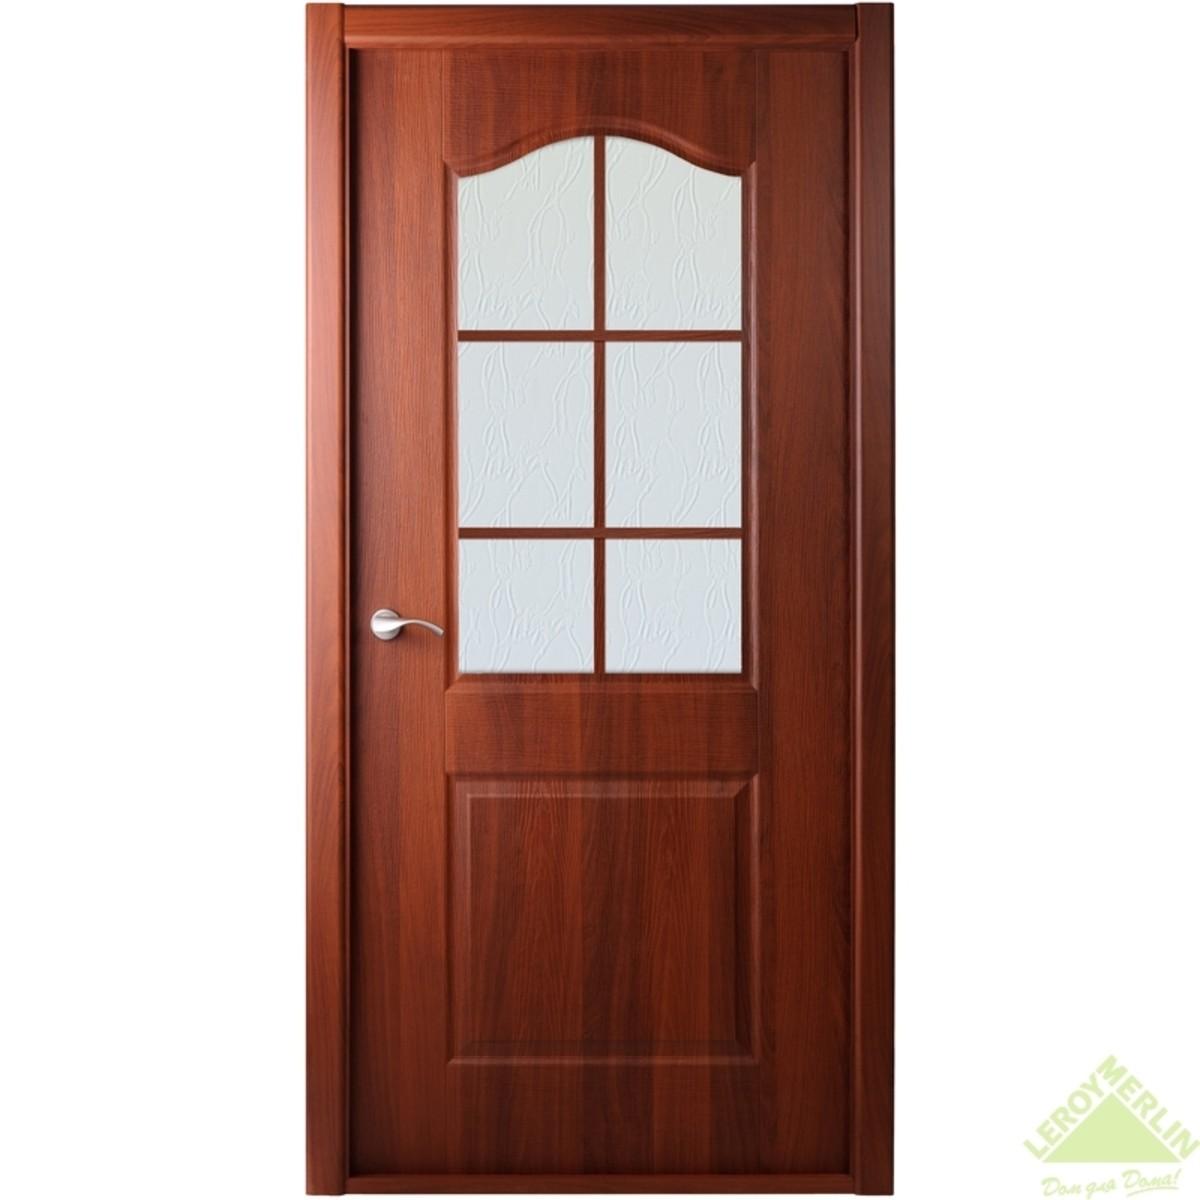 Дверь Межкомнатная Остеклённая Капричеза 700x2000 Итальянский Орех